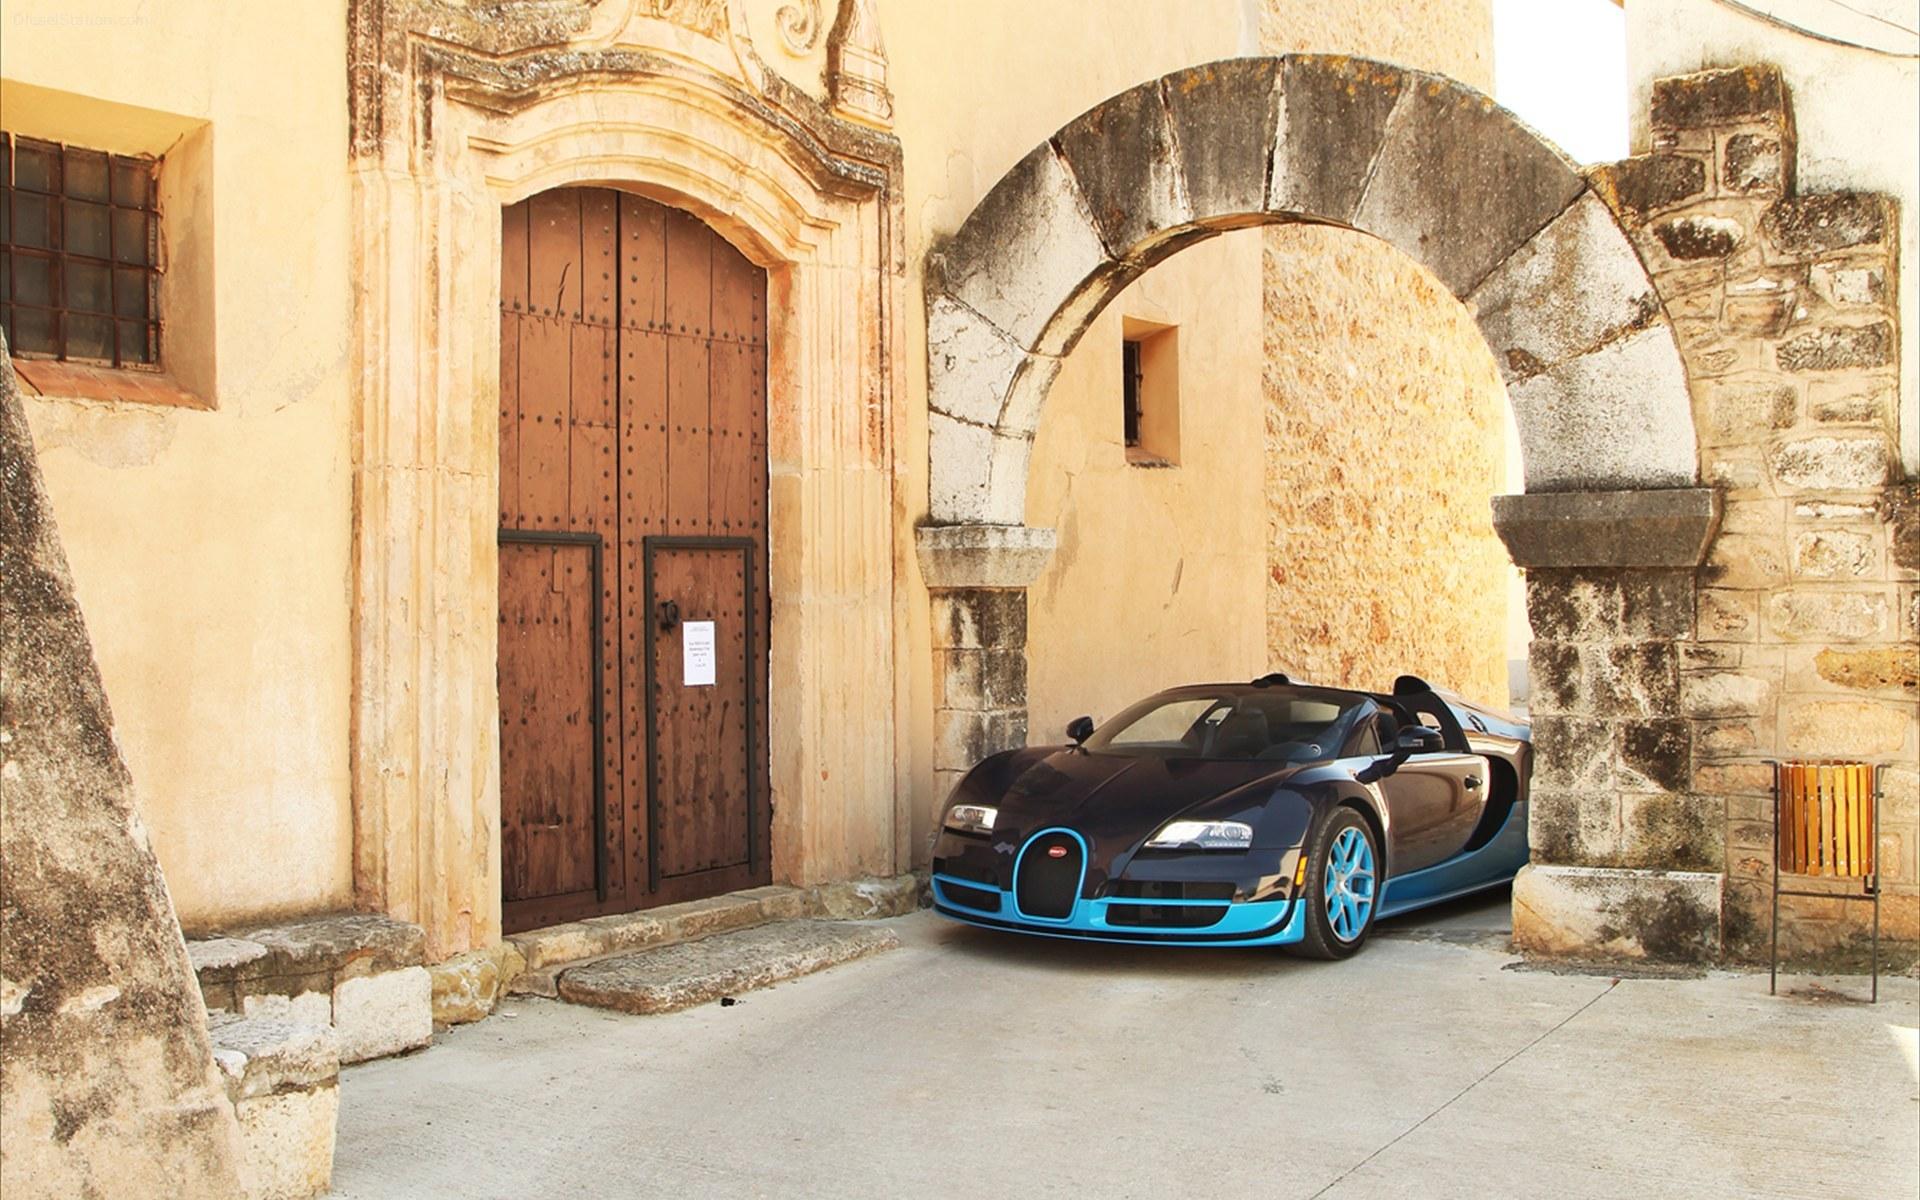 26827 скачать обои Транспорт, Города, Машины, Улицы, Бугатти (Bugatti) - заставки и картинки бесплатно